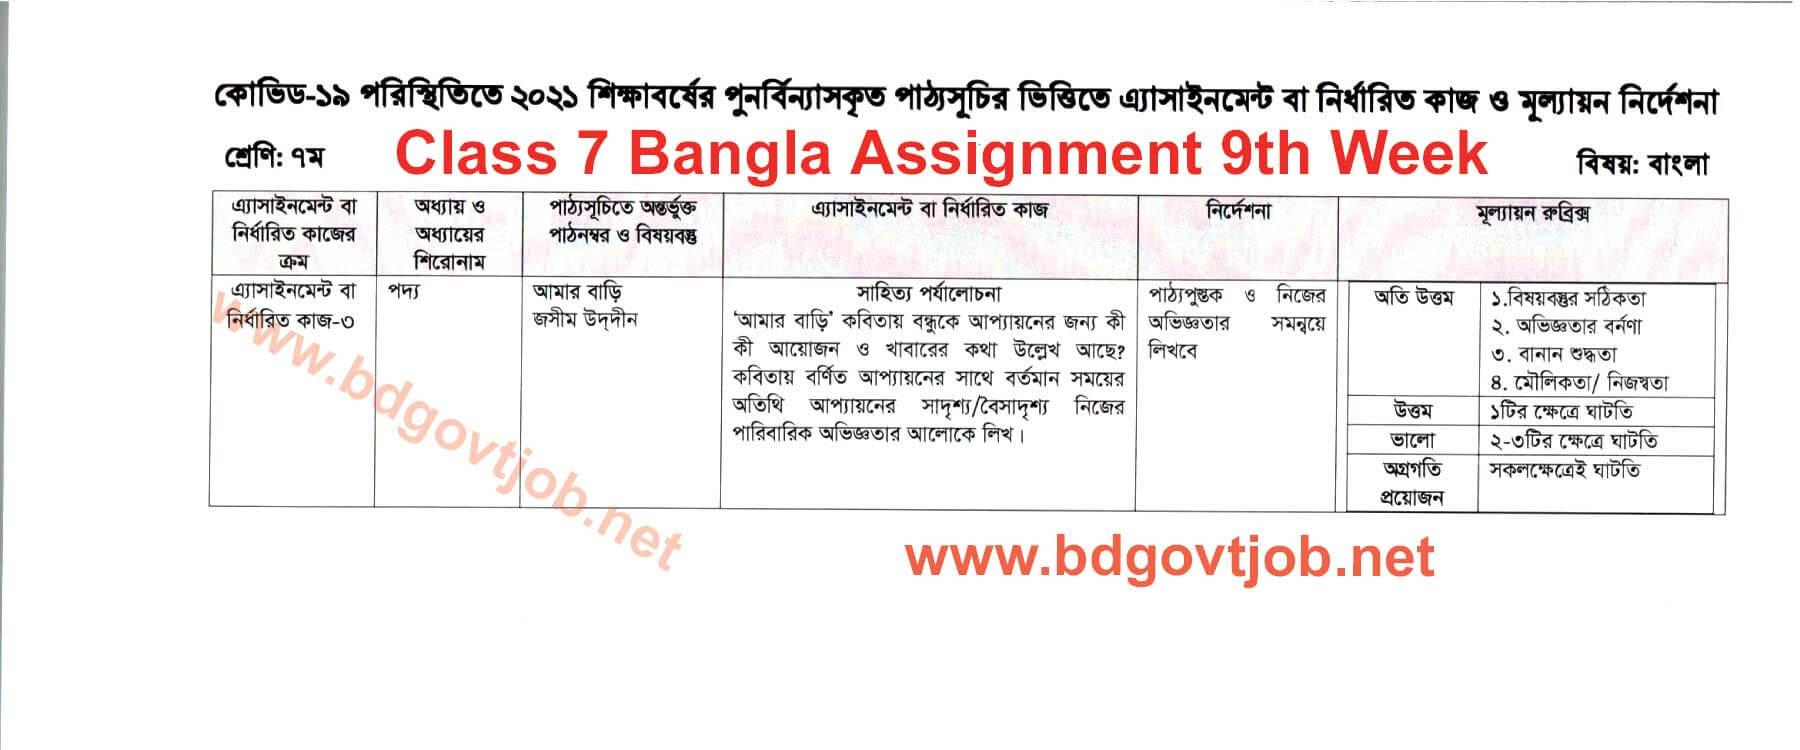 9th week Class 7 Assignment Bangla